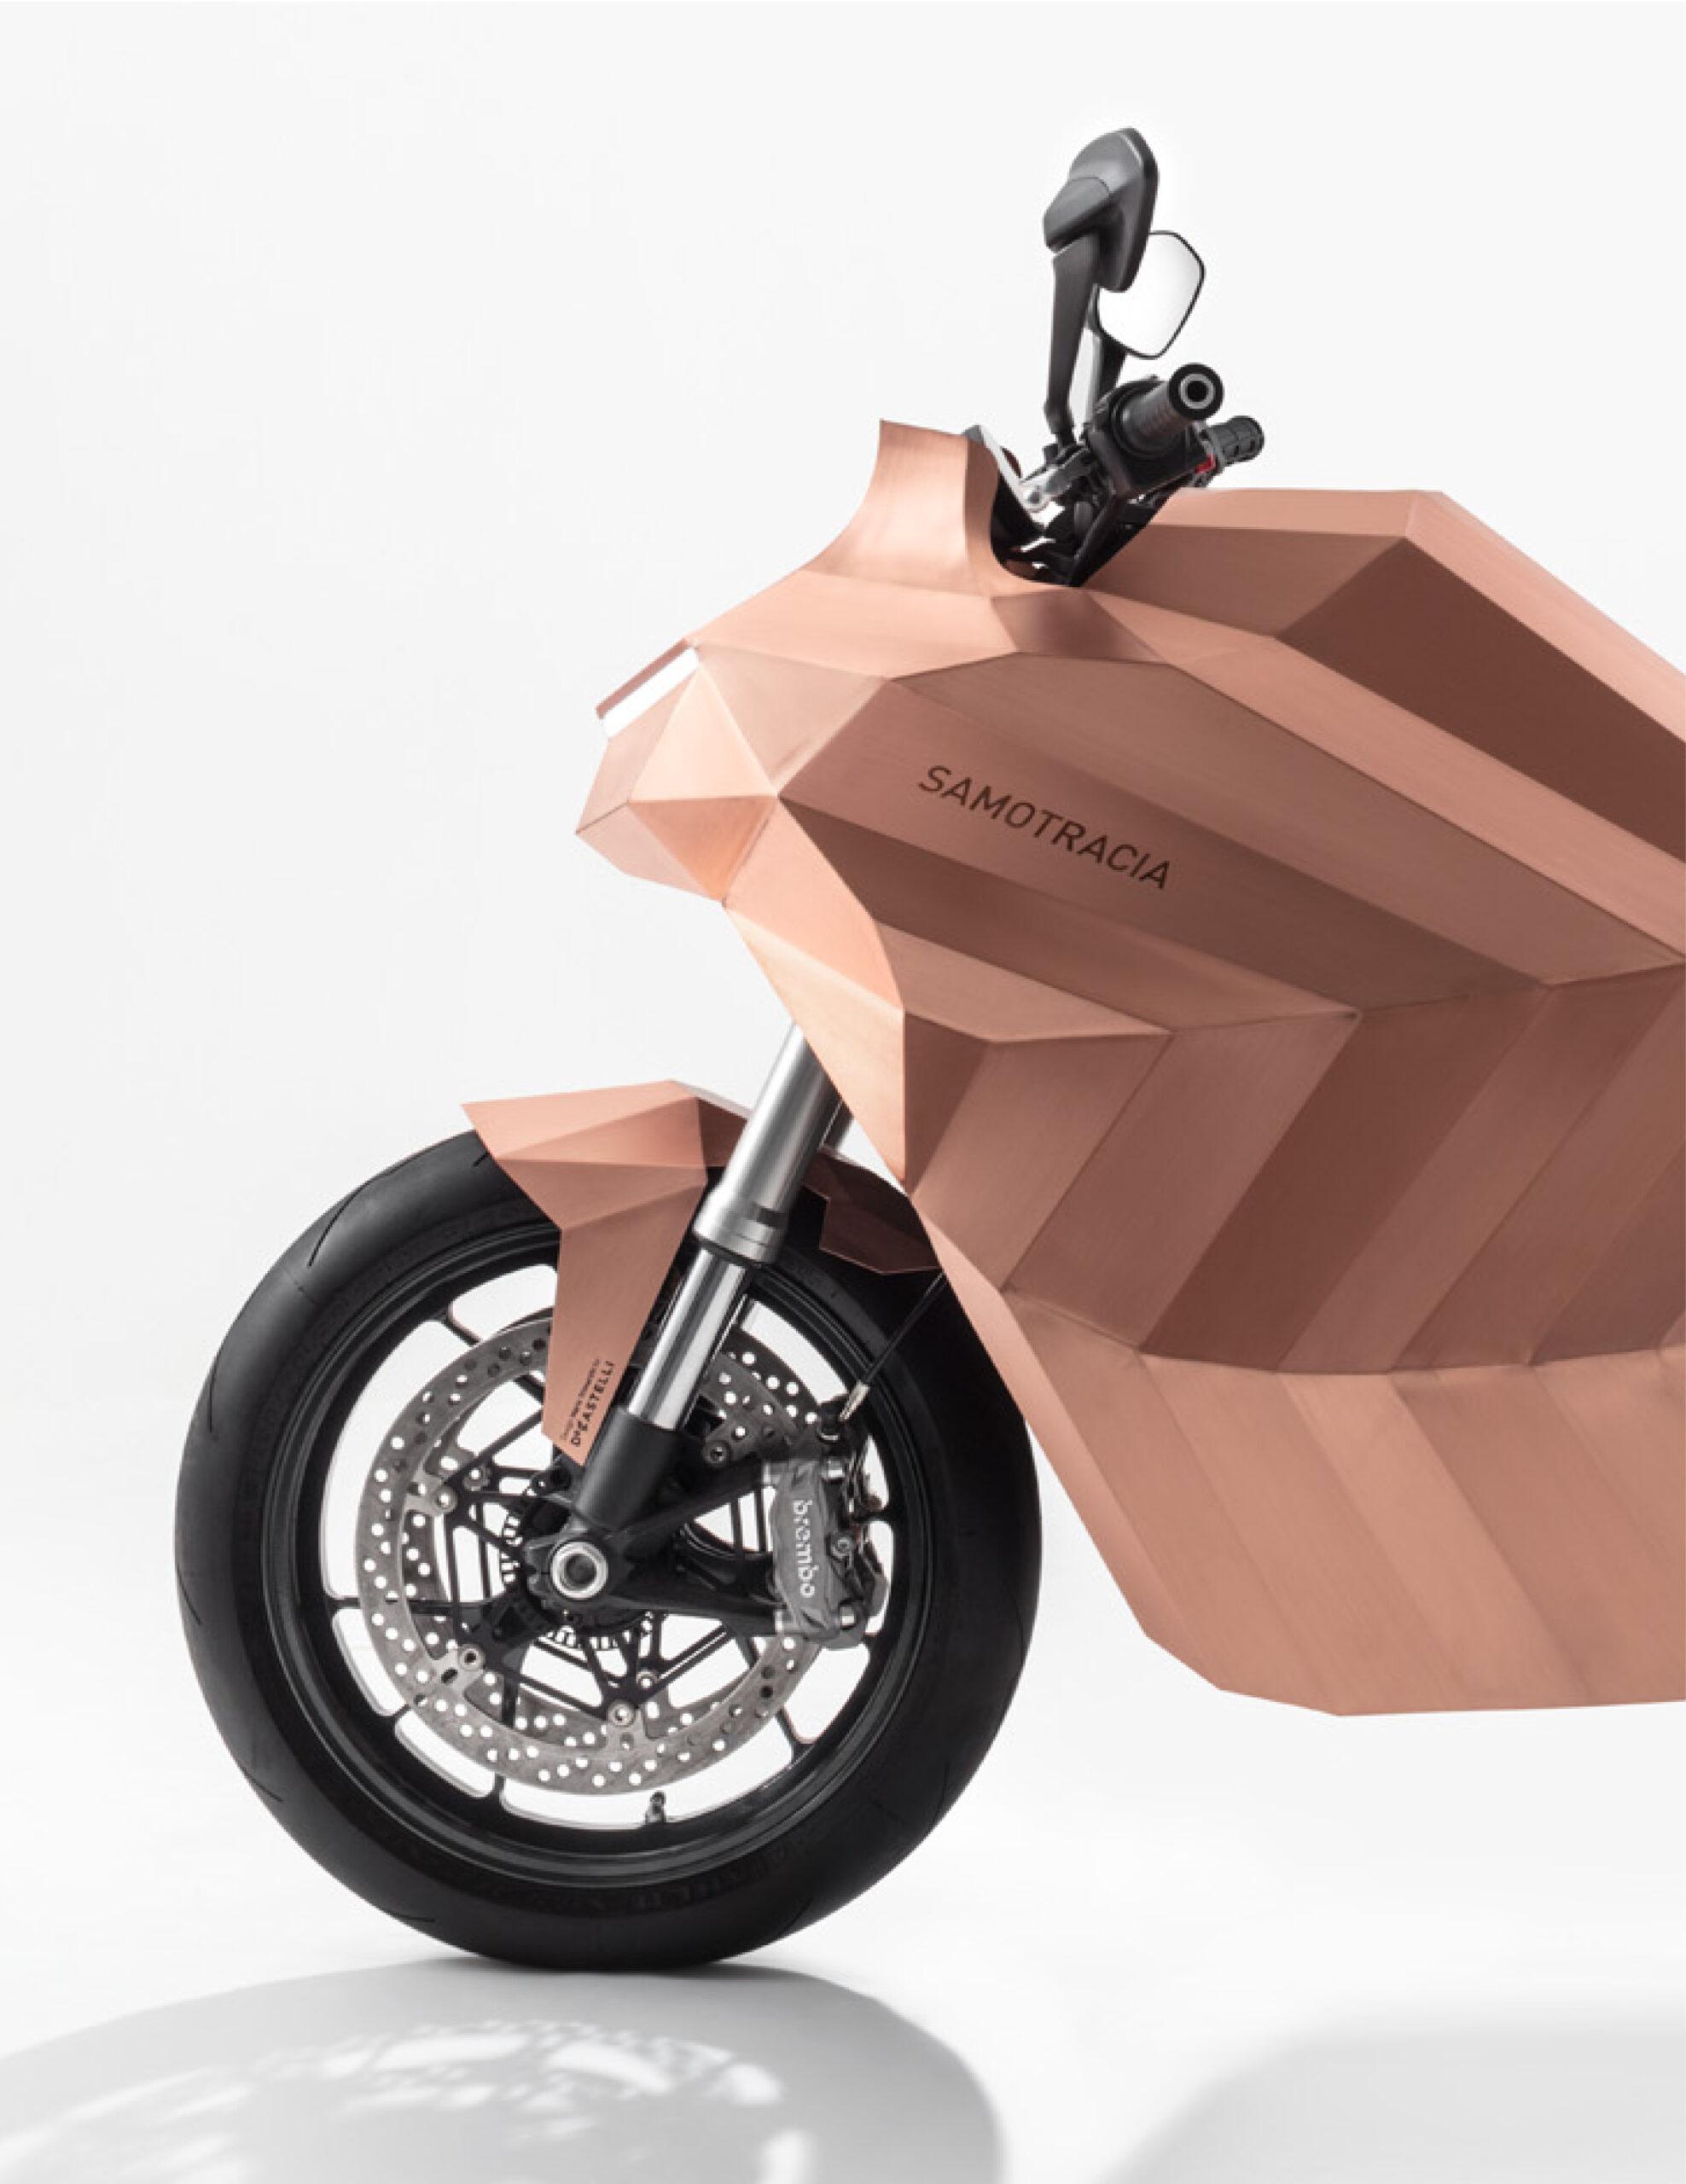 Samotracia_copper-motorbike_Mario-Trimarchi-Design